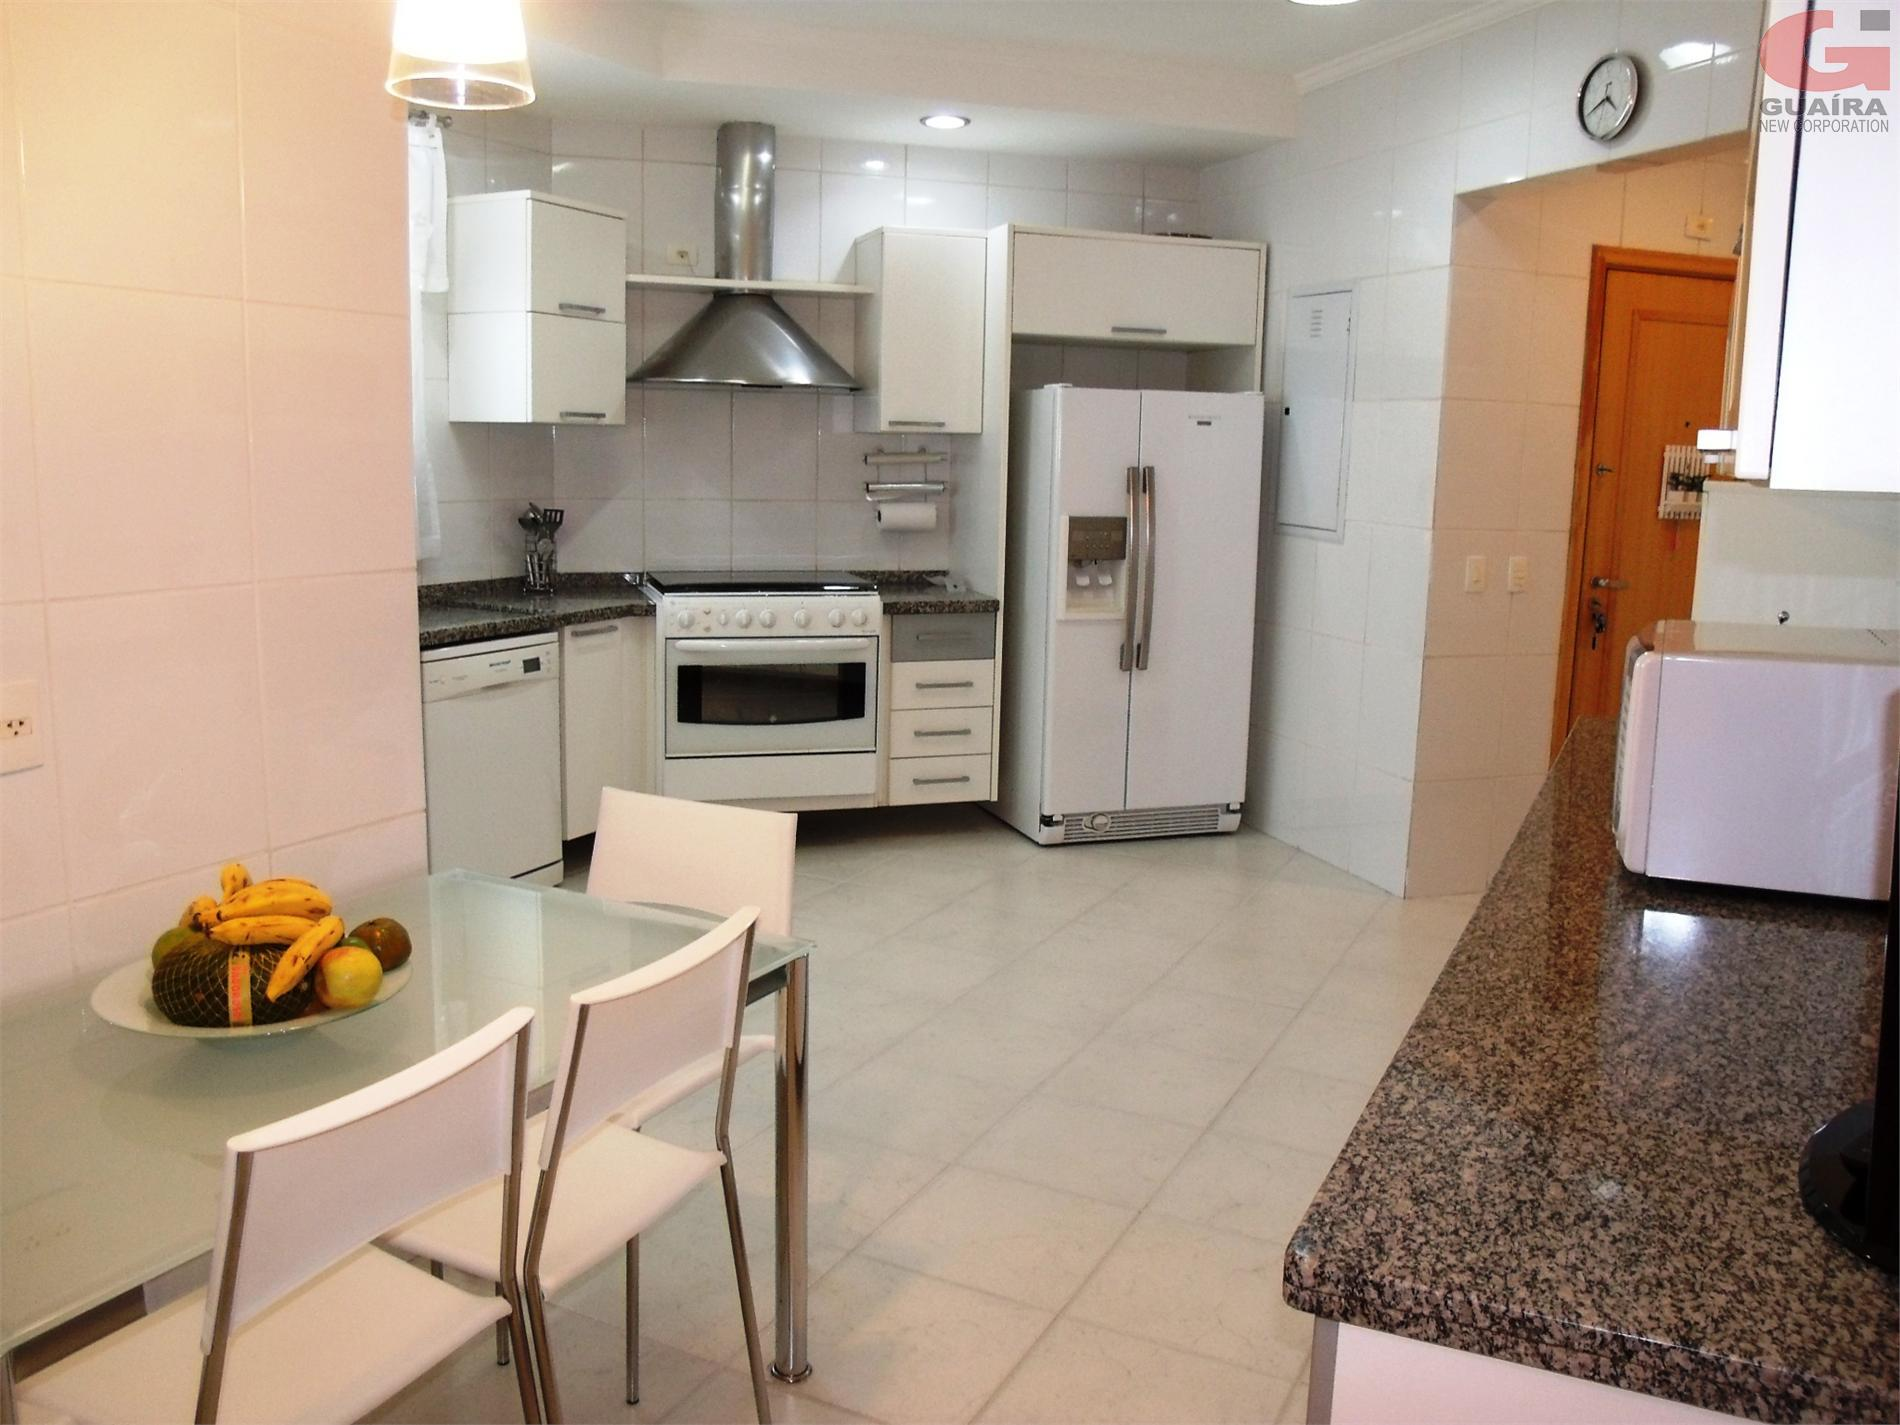 Apartamento de 4 dormitórios à venda em Chácara Inglesa, São Bernardo Do Campo - SP